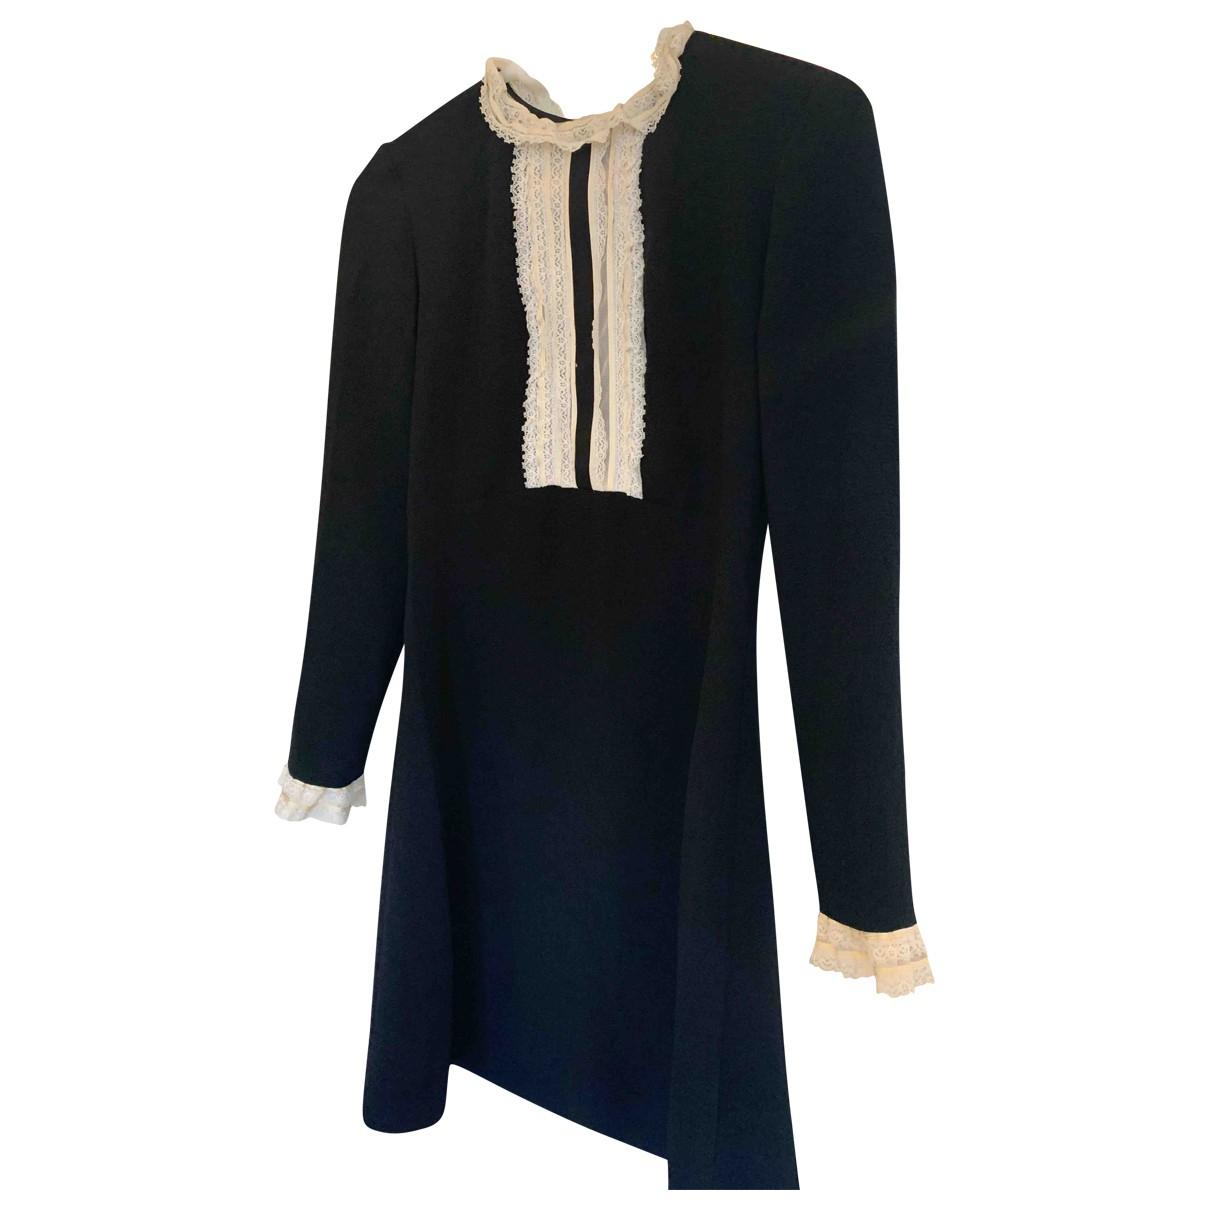 Sandro Fall Winter 2019 Black dress for Women 36 FR